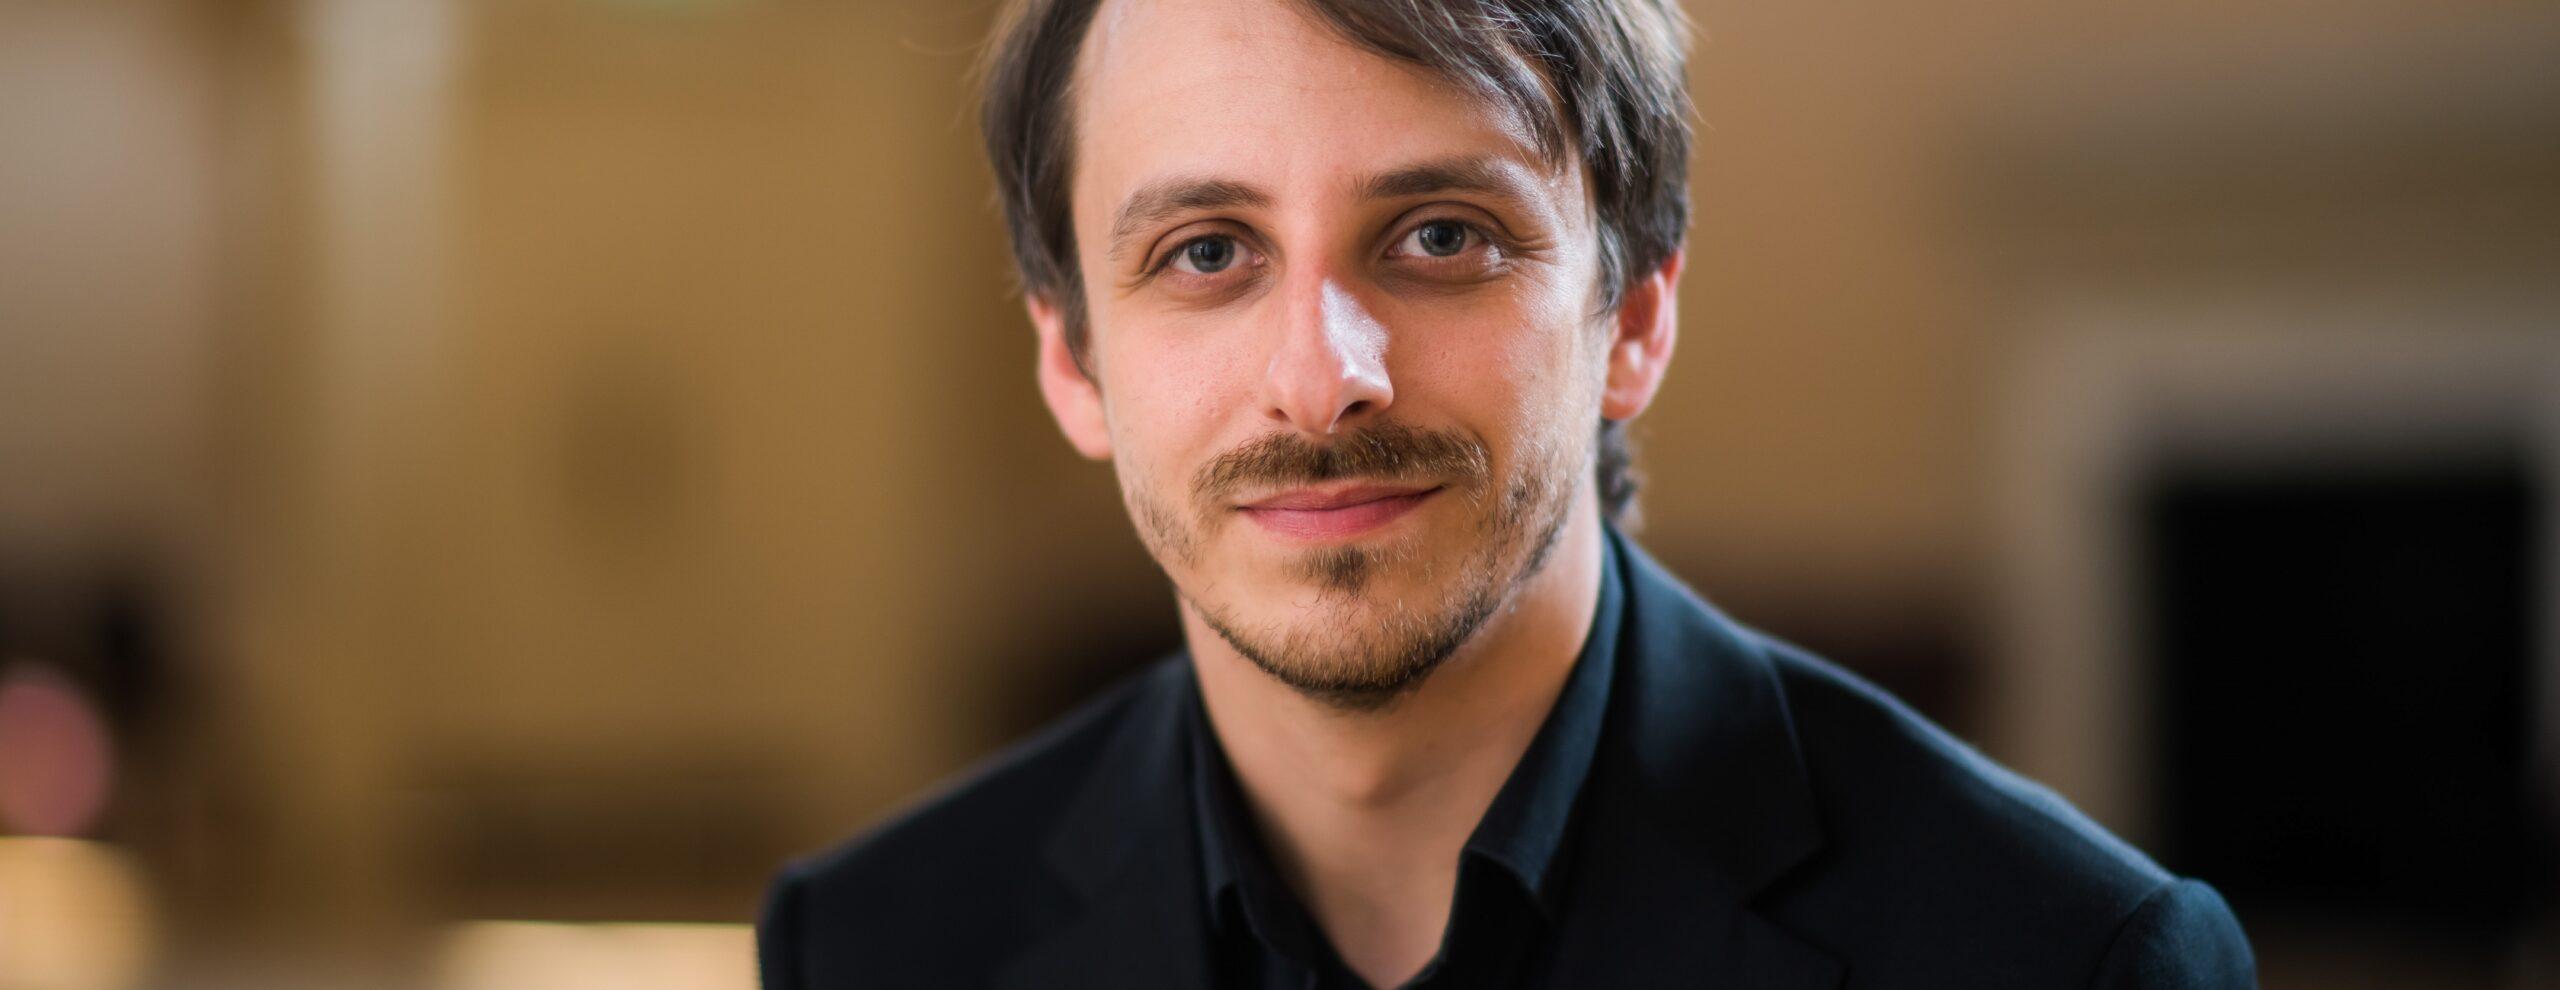 Benjamin Goodson - foto: Paolo Ferla